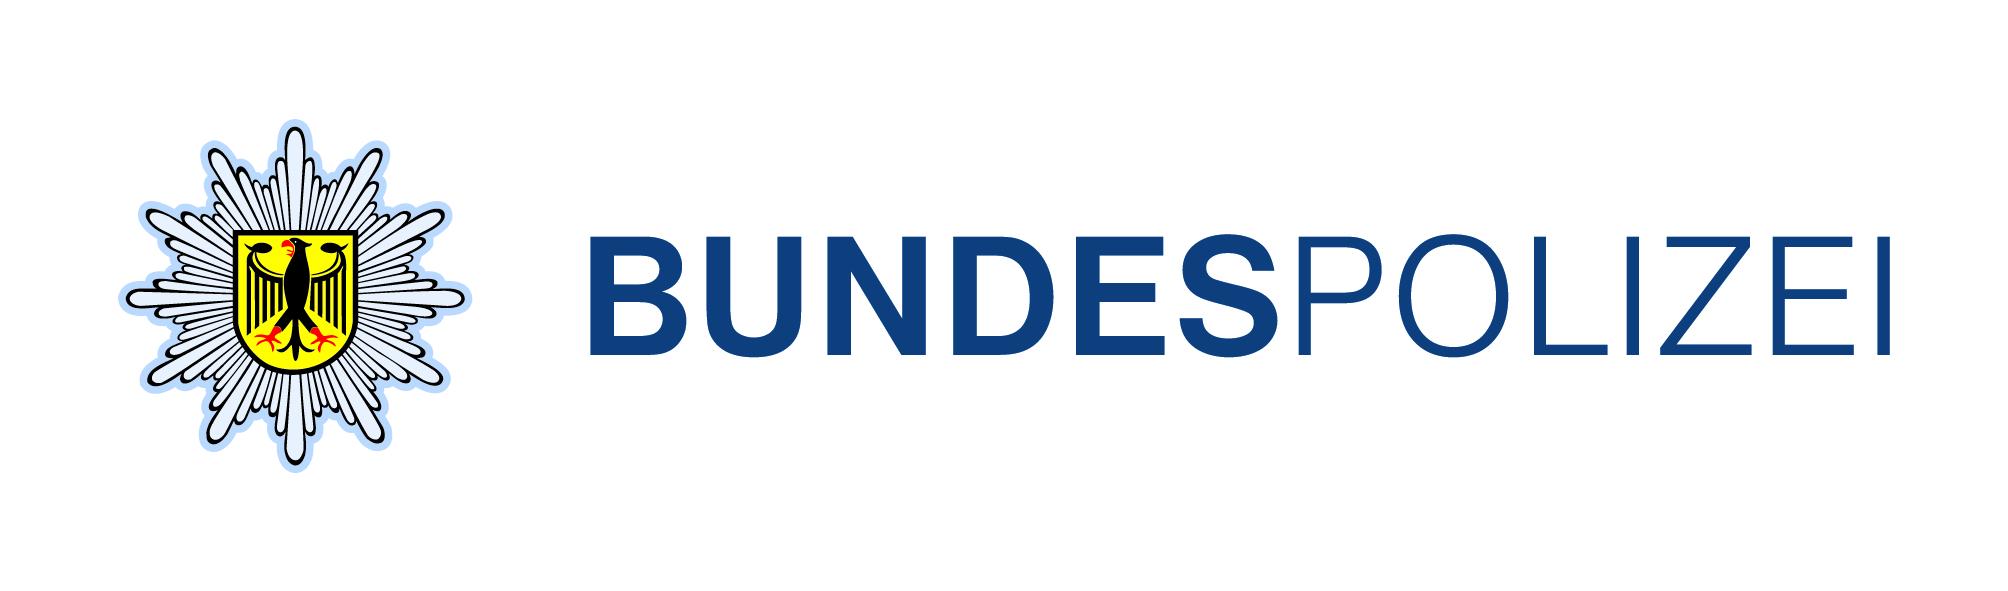 Bildergebnis für bundespolizei logo